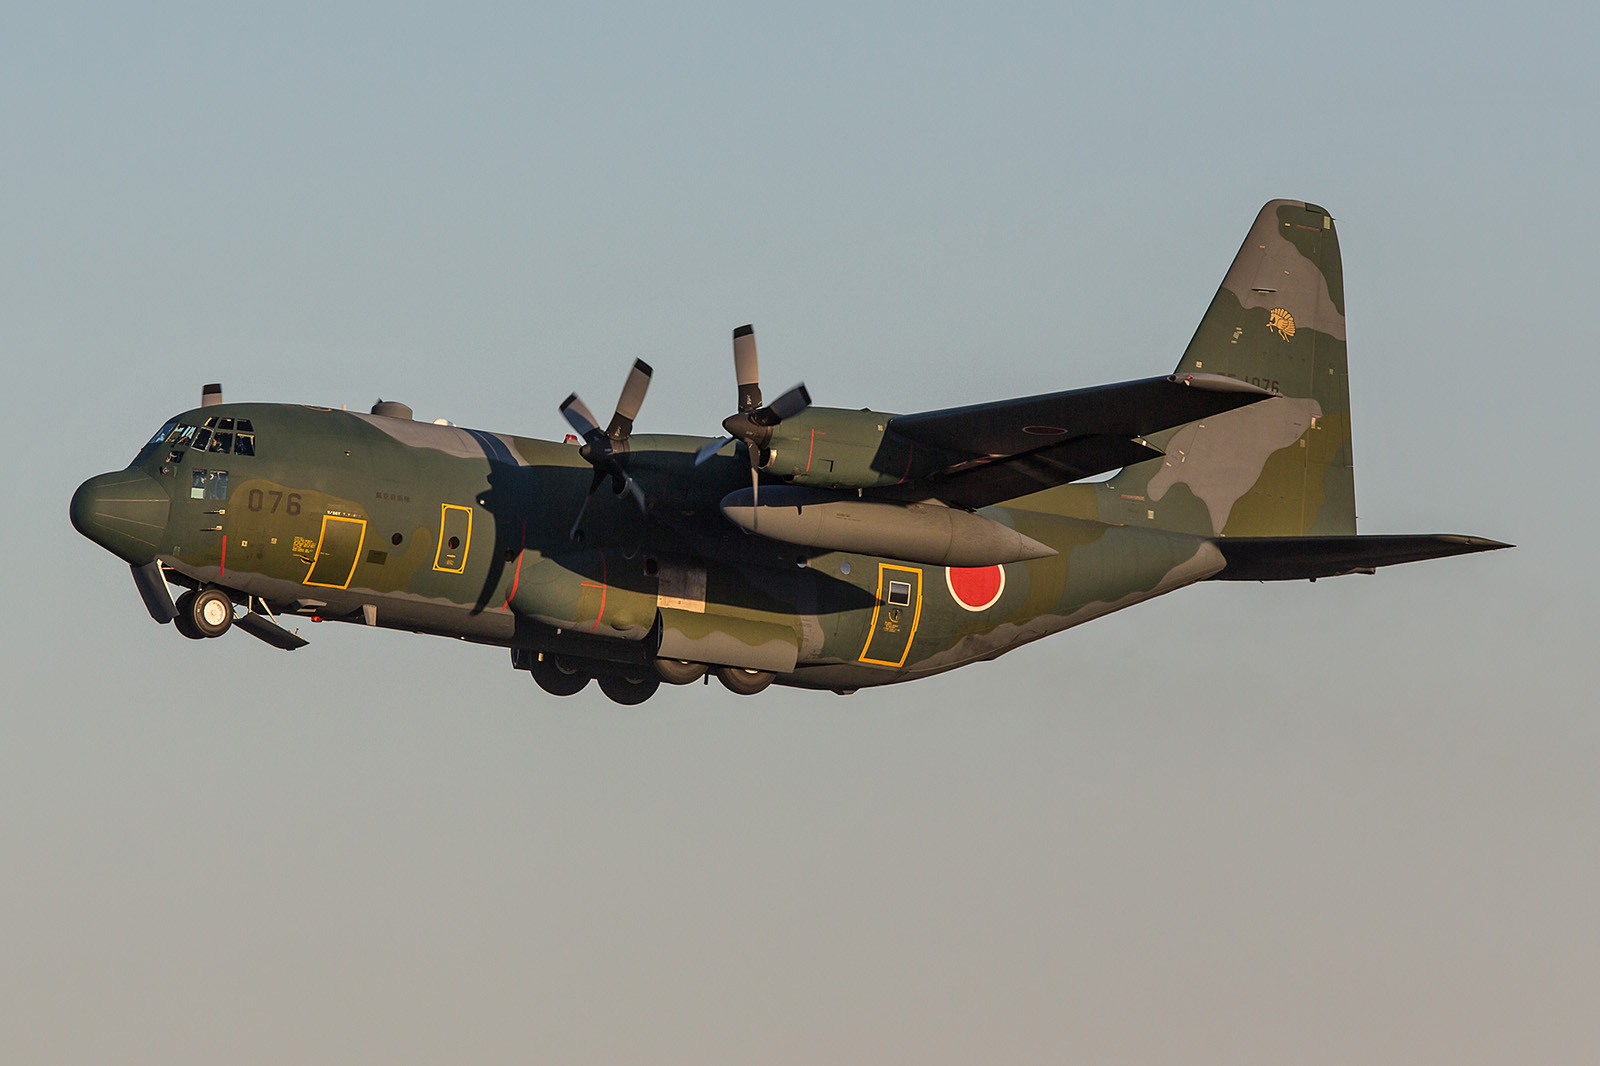 Der letzte Start des Tages war der Abflug der C-130H nach Komaki.